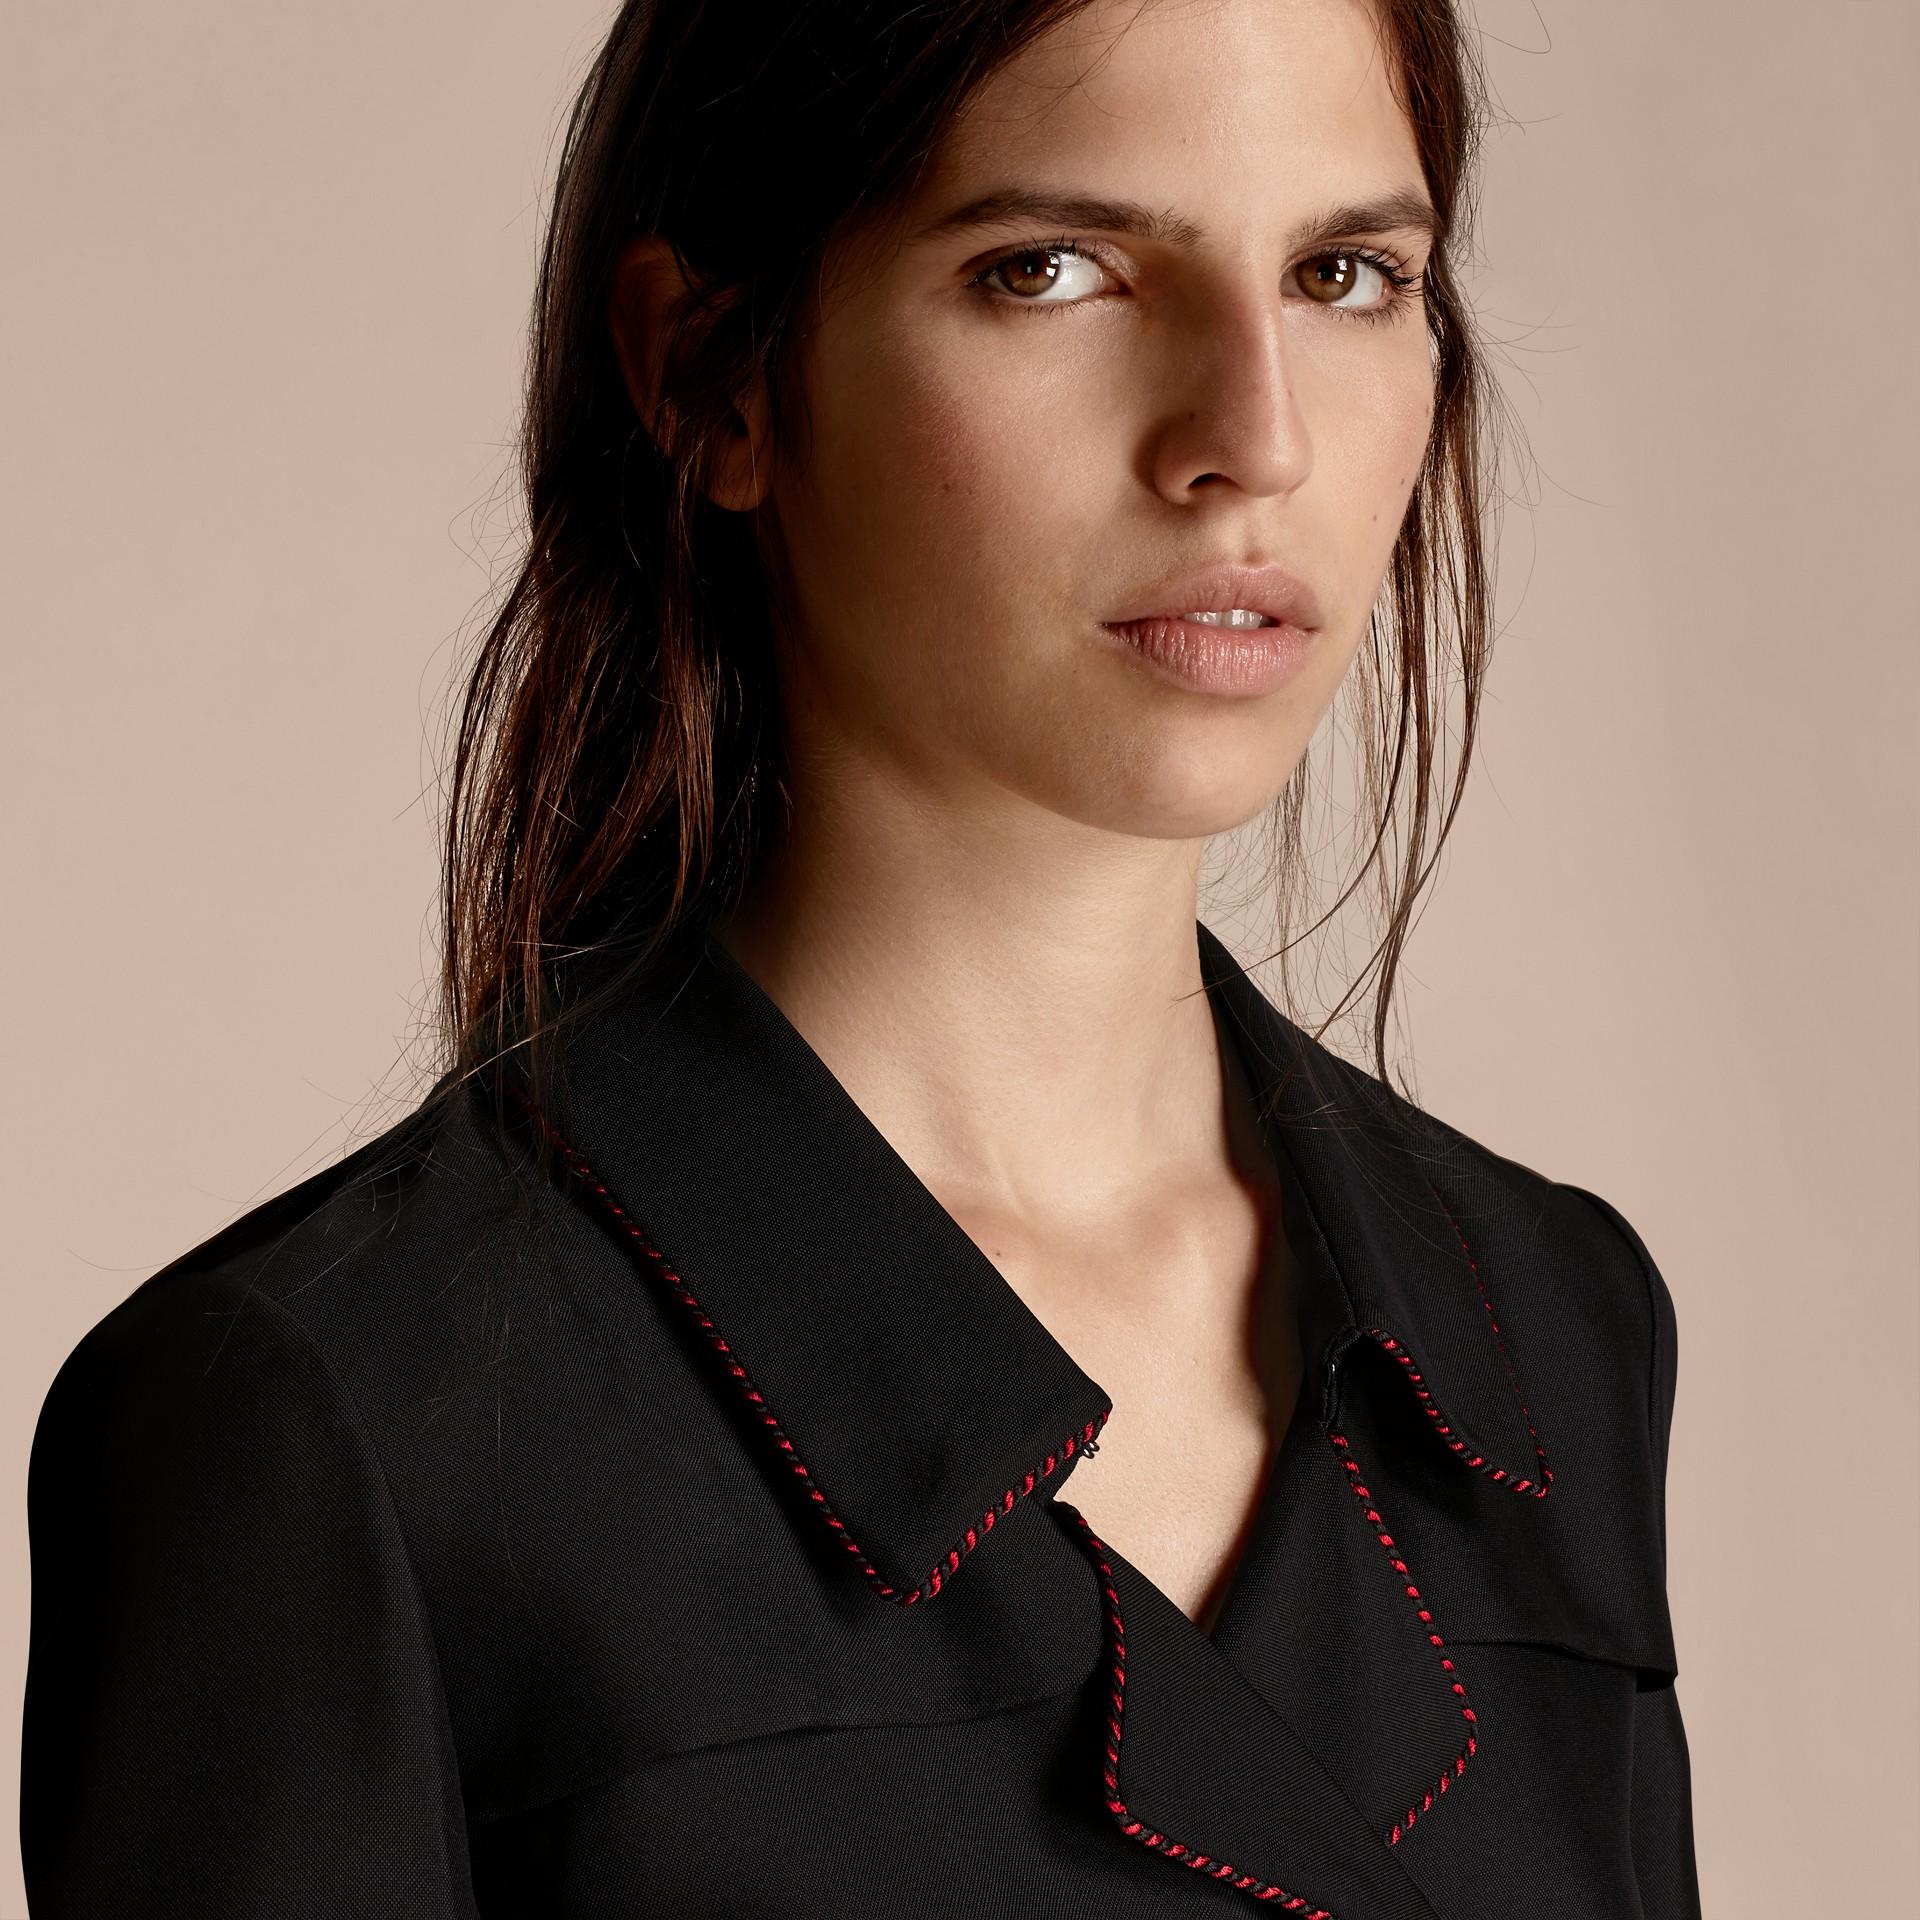 Preto Vestido Trench estilo wrap de seda com debrum militar - galeria de imagens 5